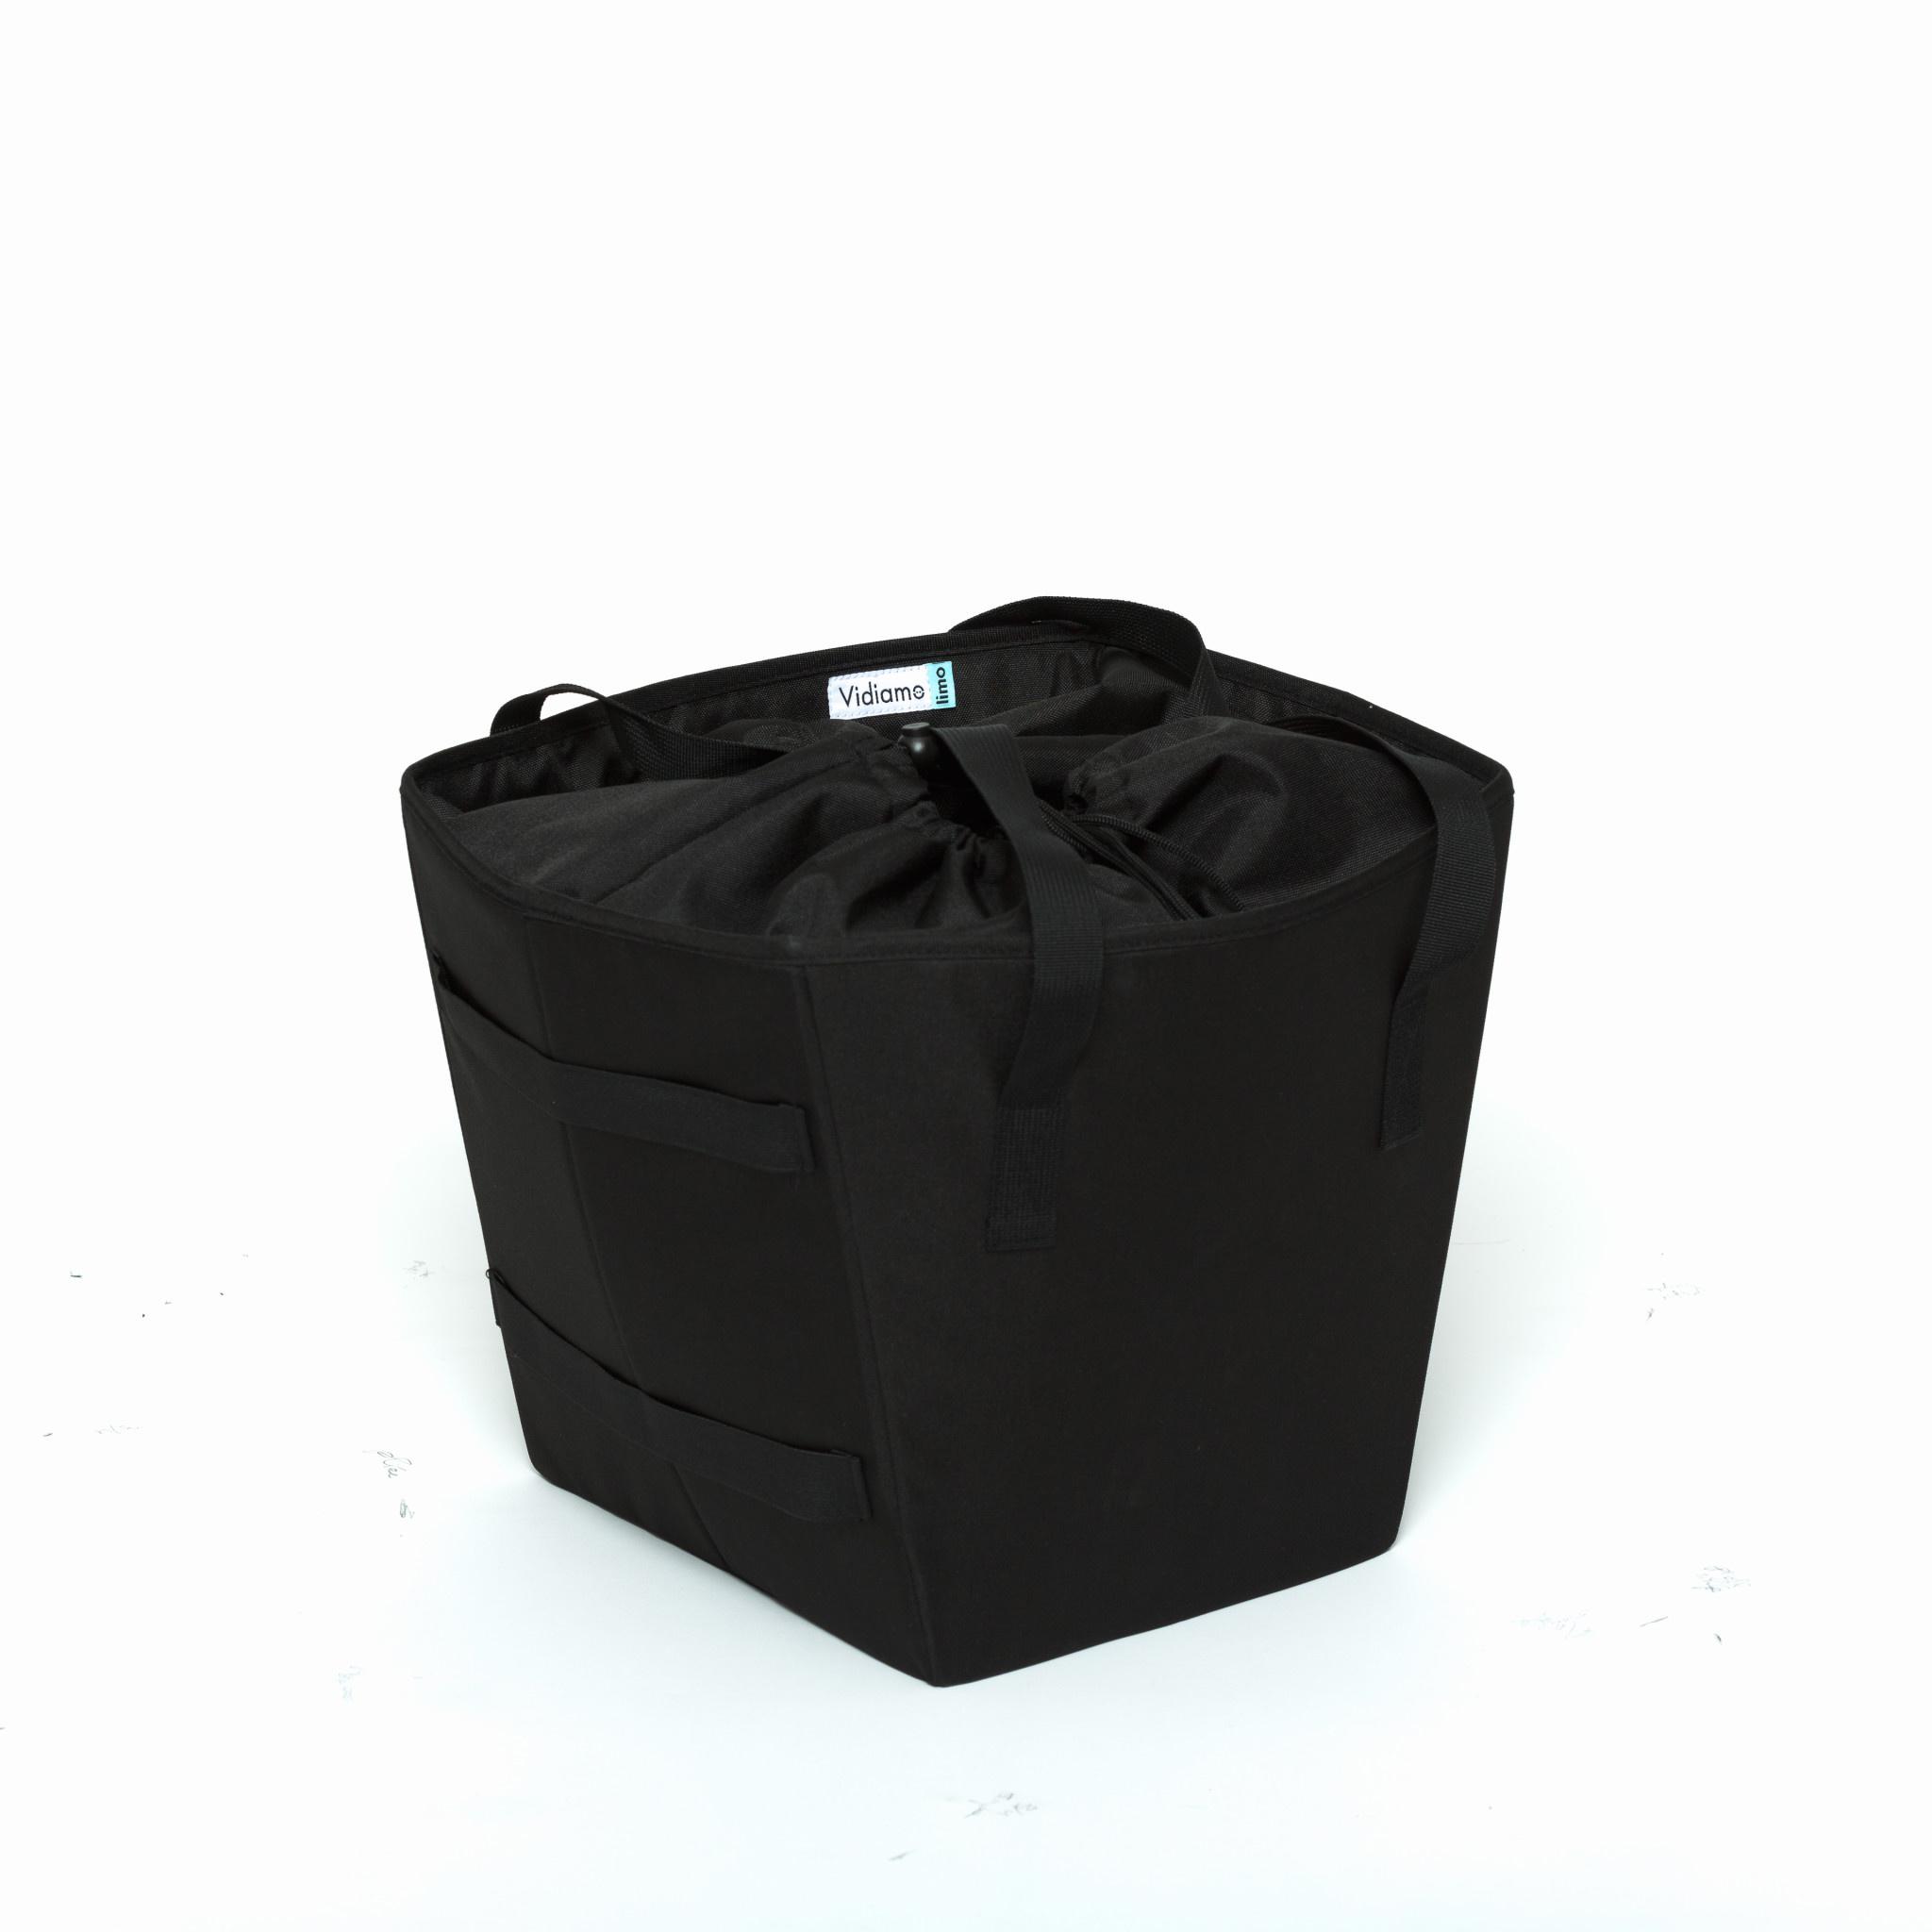 Vidiamo Vidiamo Limo Tote Bag